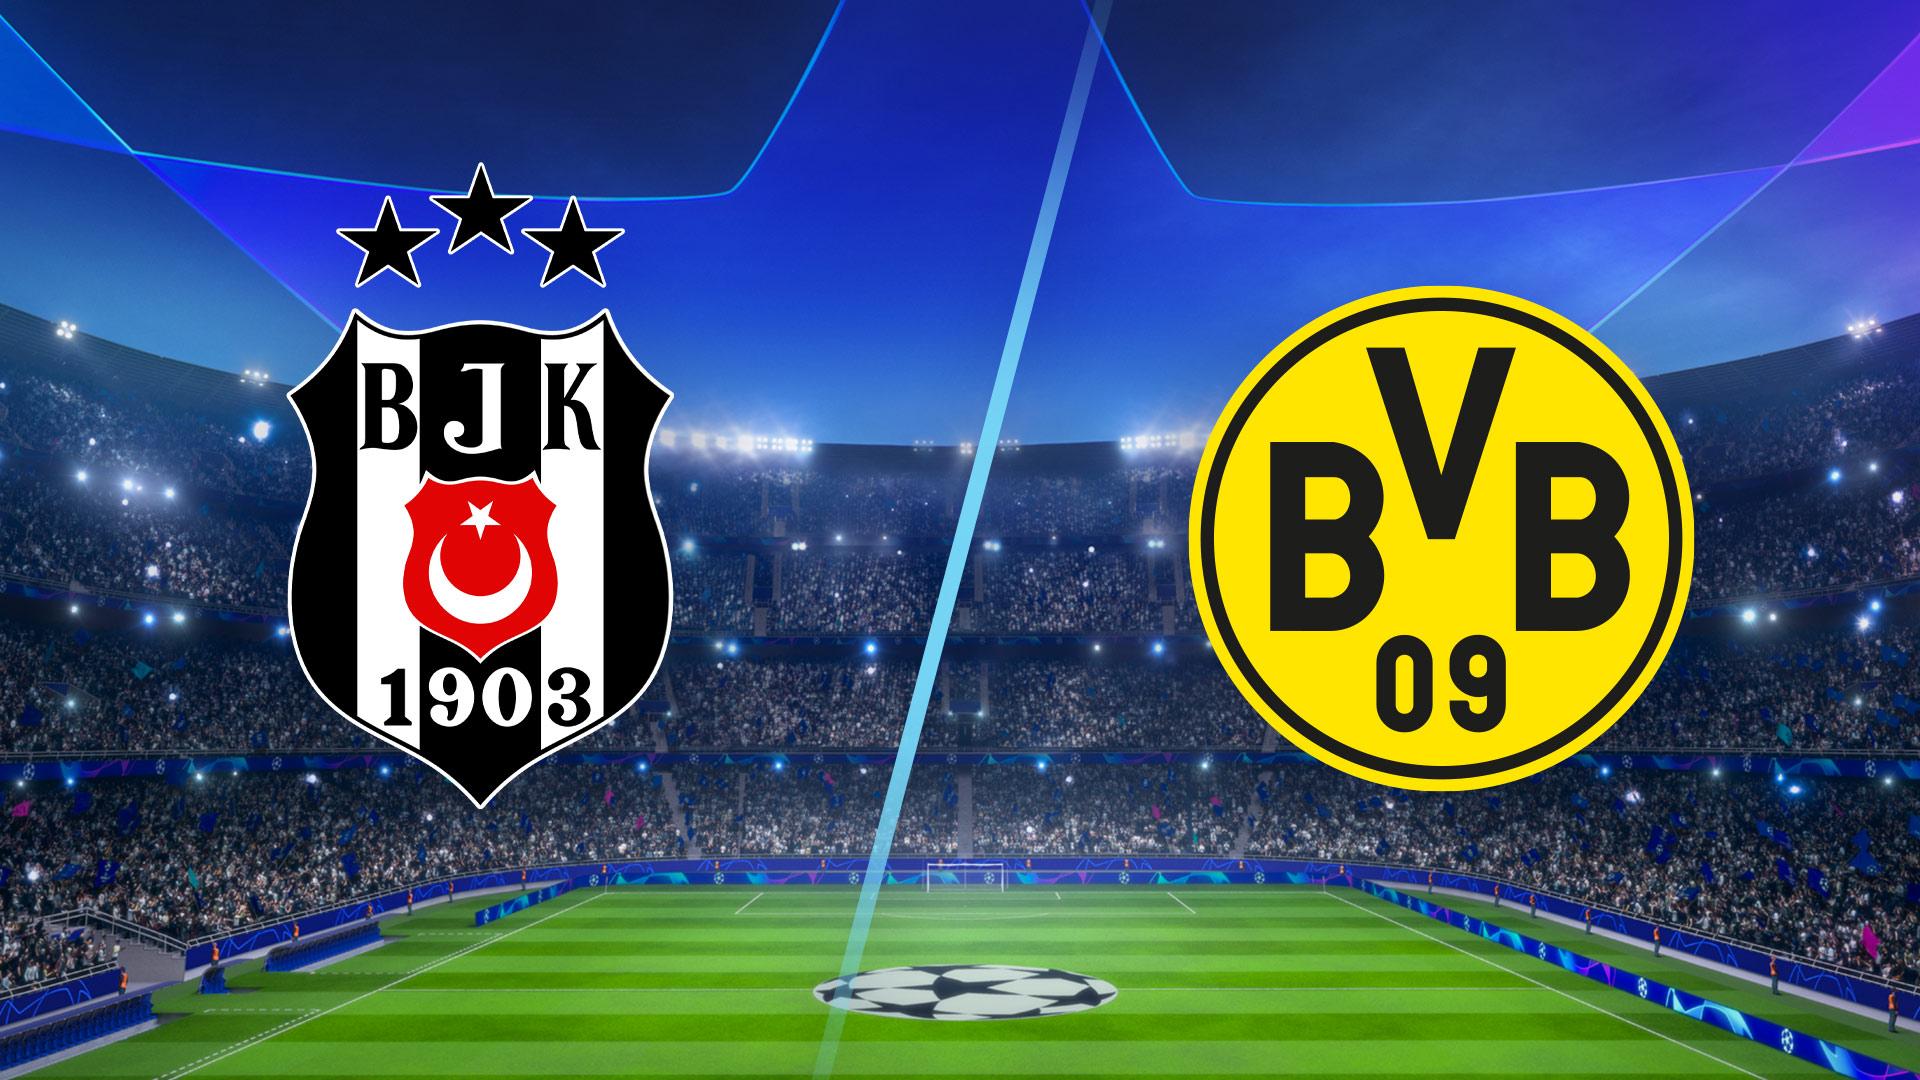 Dortmund ra quân thuận lợi với chiến thắng 2-1 trước Besiktas tại đấu trường C1